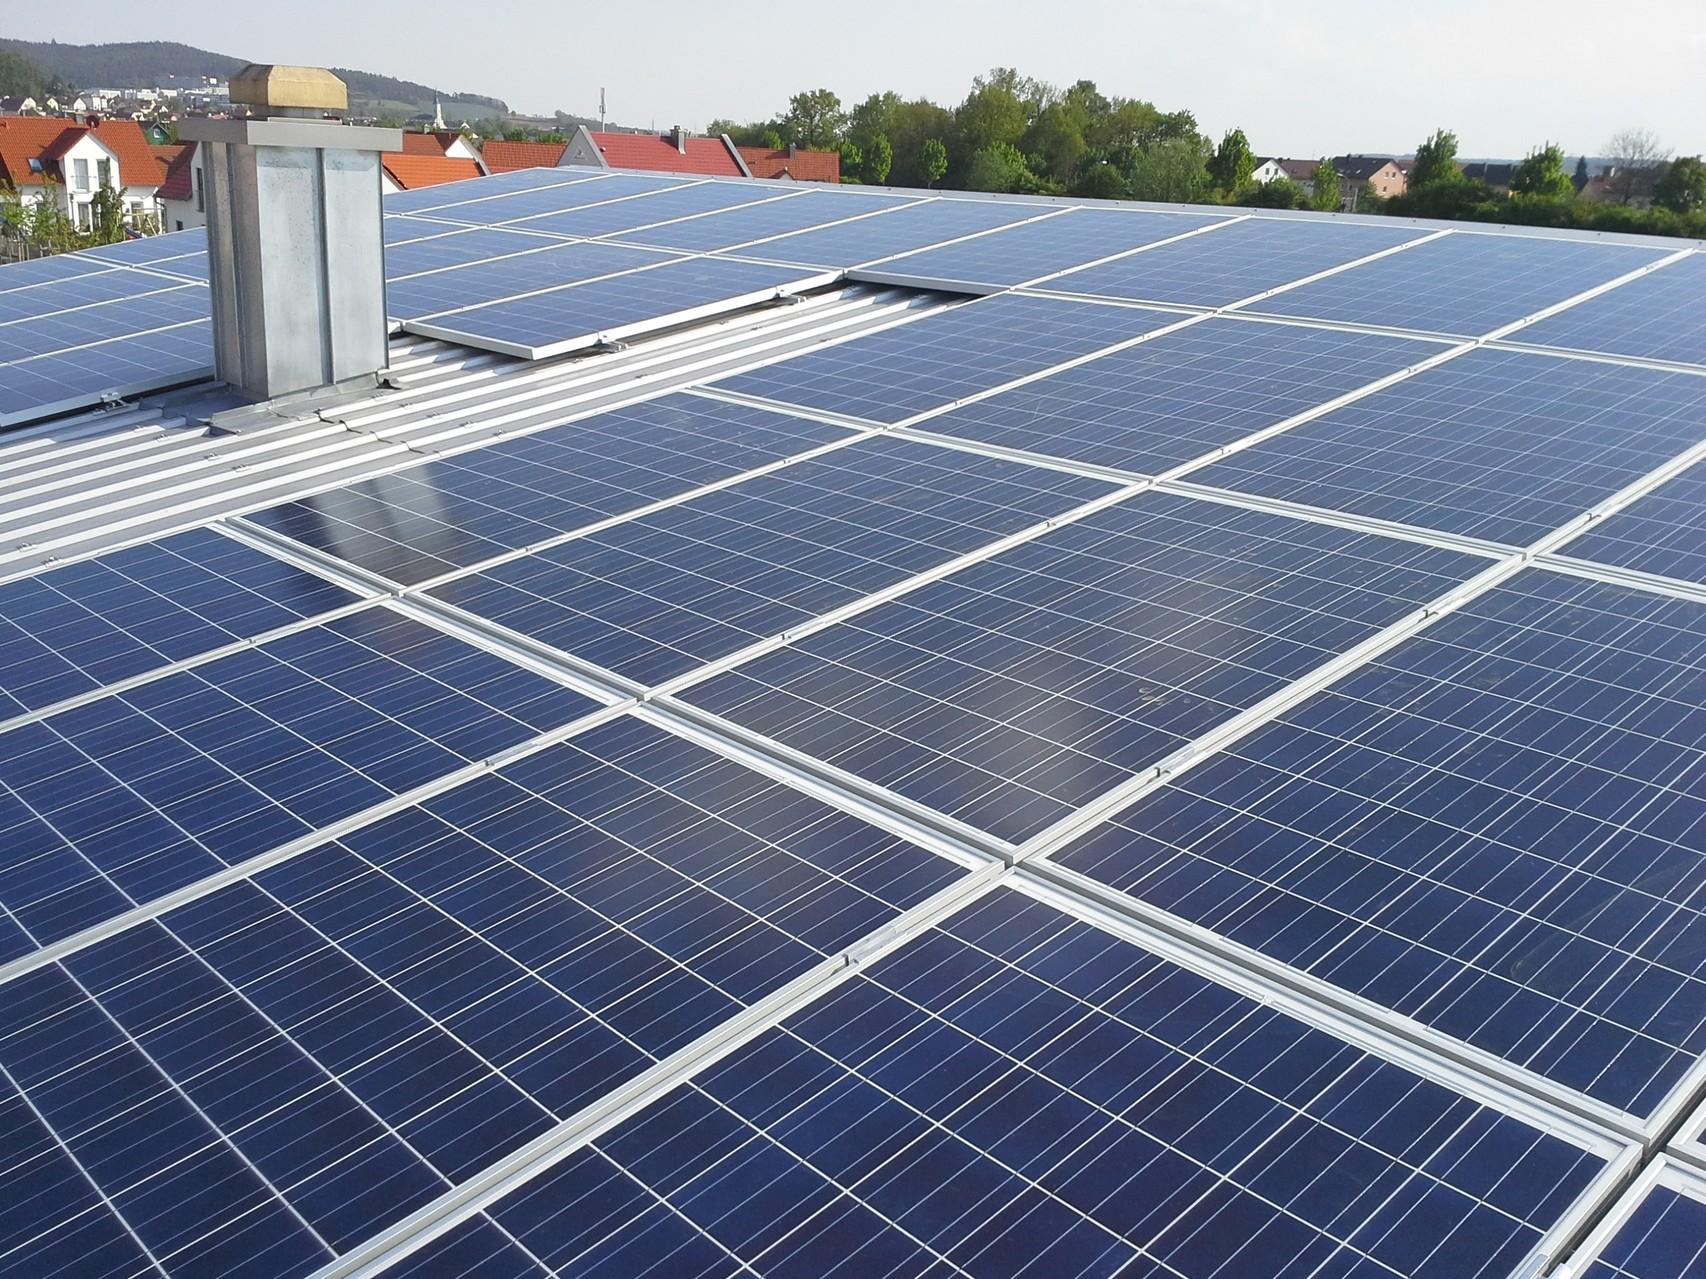 9,69 kWp in 93128 Regenstauf Solarwatt Glas/Glas Modul